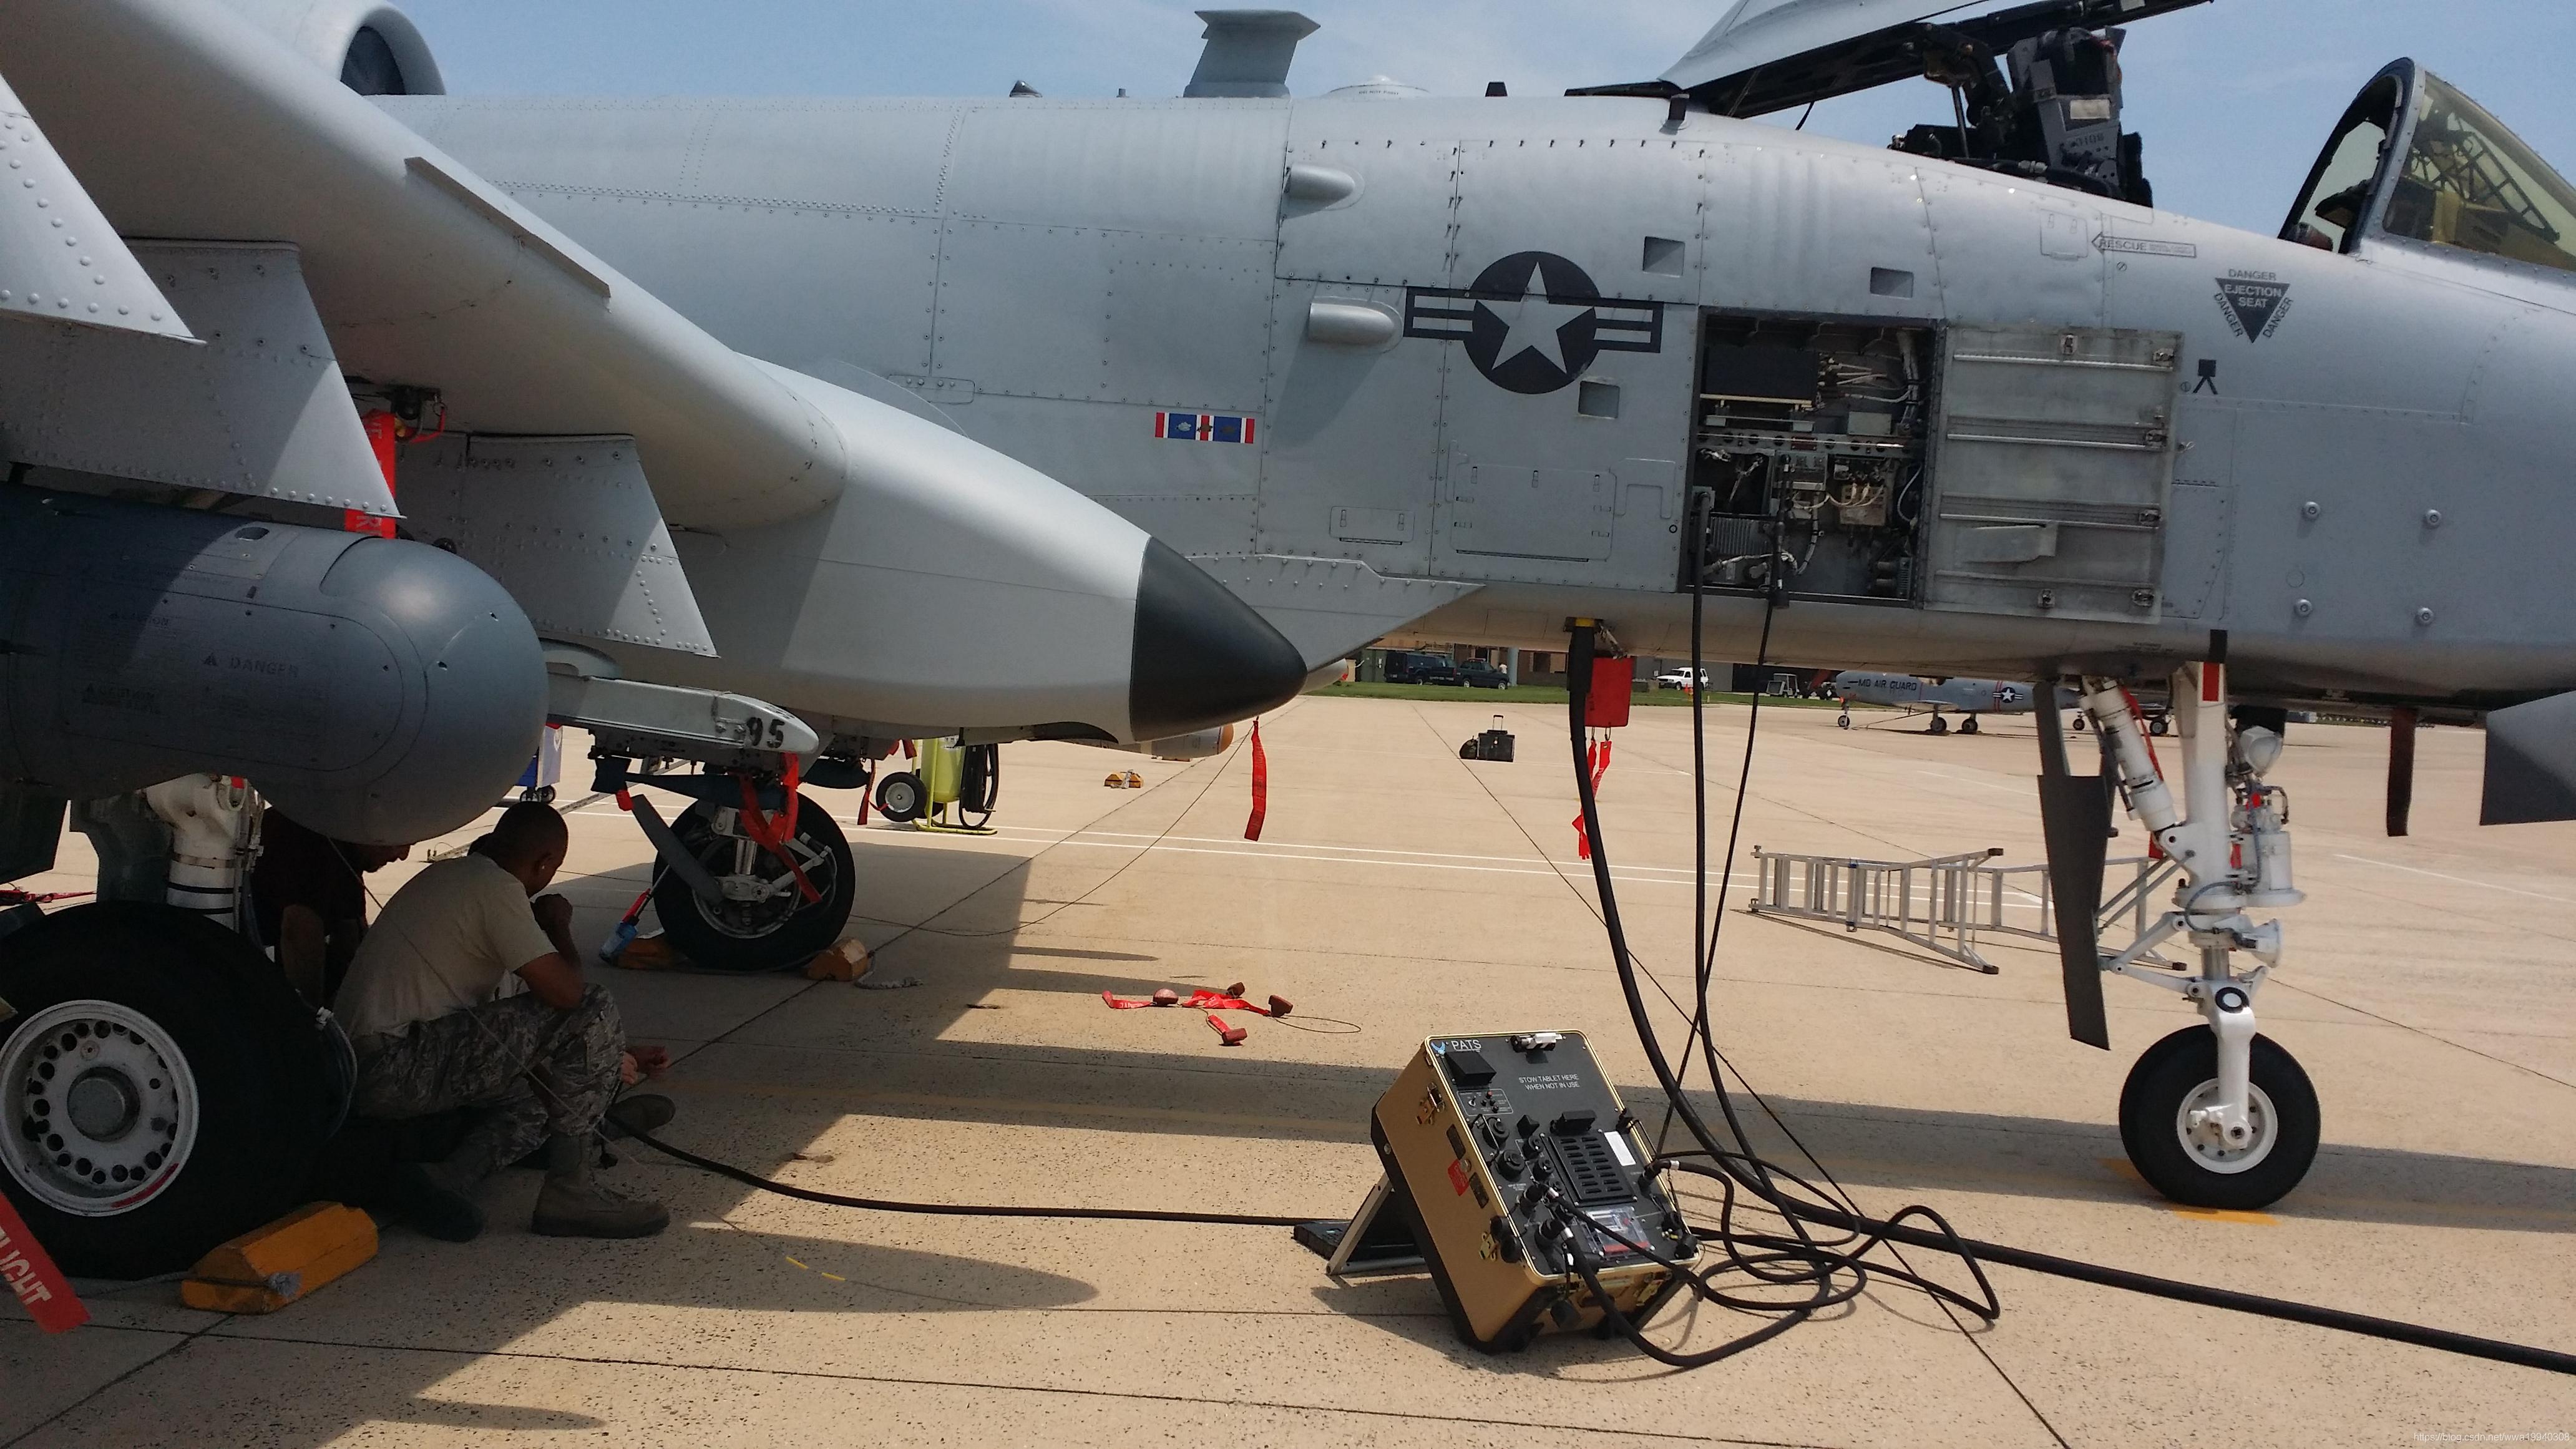 如何利用基于PXI的下一代ATE系统测试平台进行军事/航天/卫星电子设备测试wwa19940308的博客-